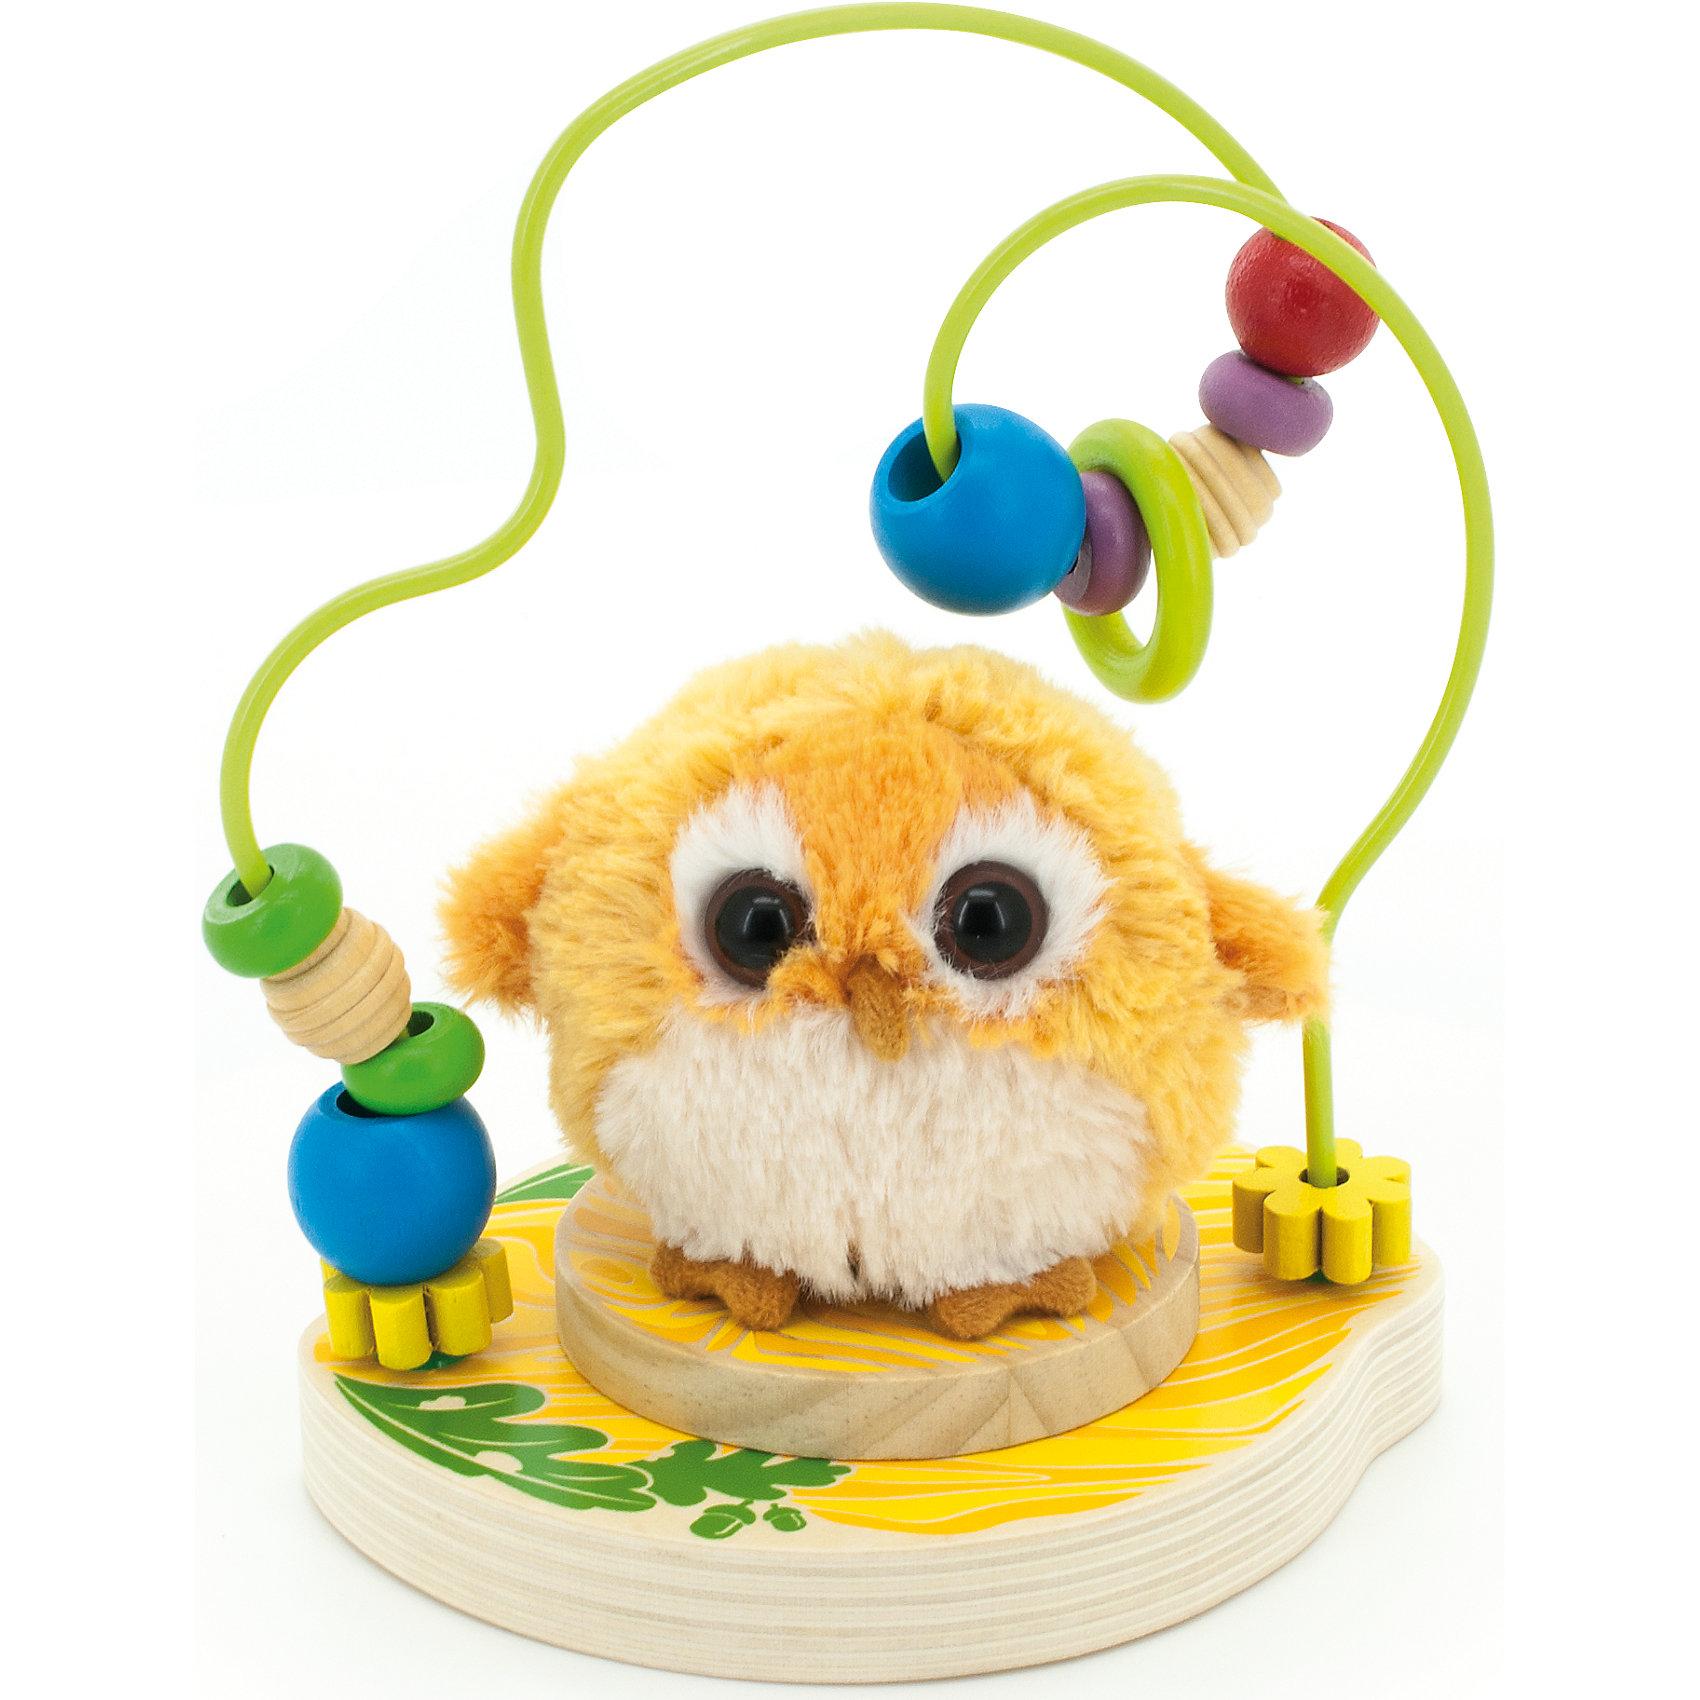 - Лабиринт Совушка, Мир деревянных игрушек мир деревянных игрушек лабиринт лева д386